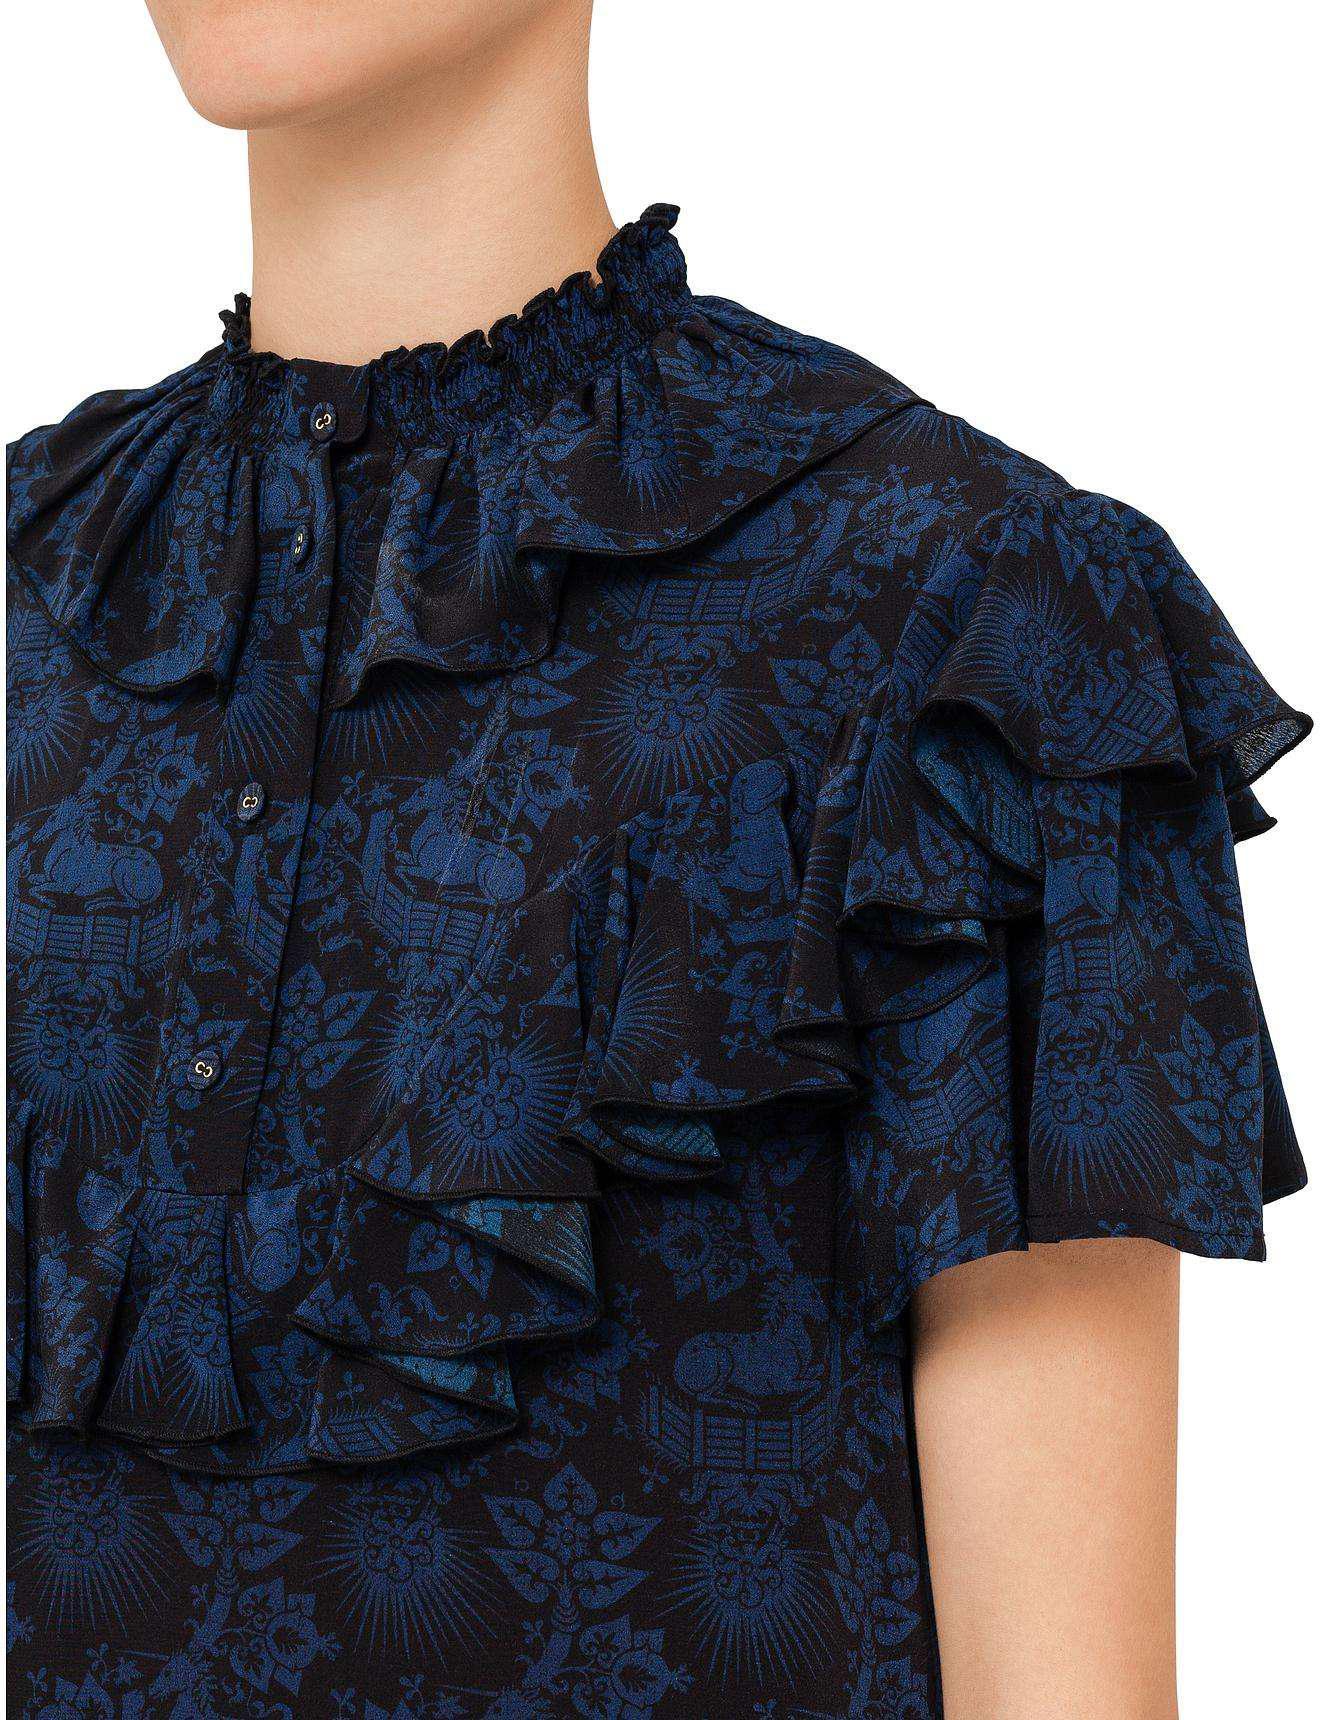 b41f0f108c9 Karen Walker Wynette Ruffle Dress in Blue - Lyst